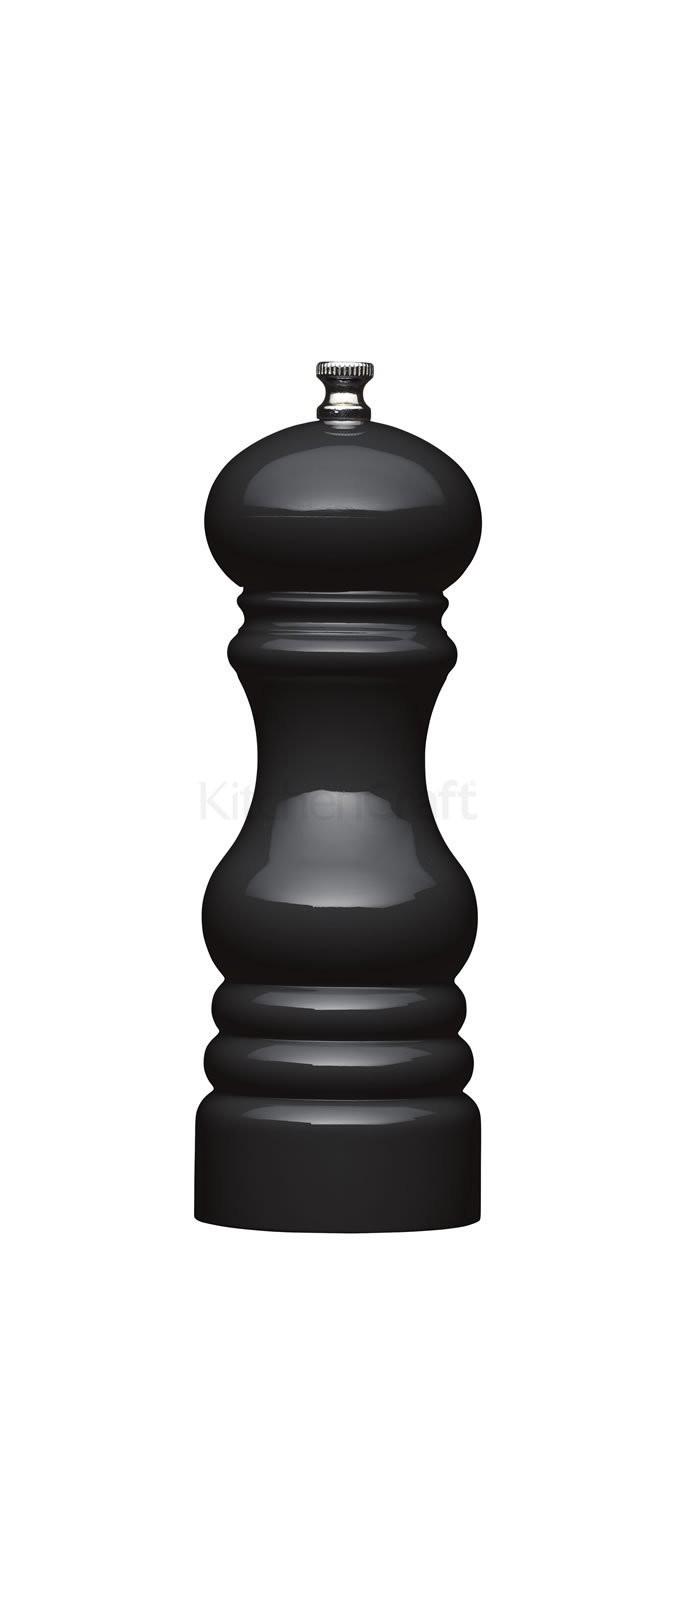 μύλος αλατοπίπερου masterclass ακρυλικός μαύρος 17cm home   αξεσουαρ κουζινας   μύλοι αλατοπίπερου